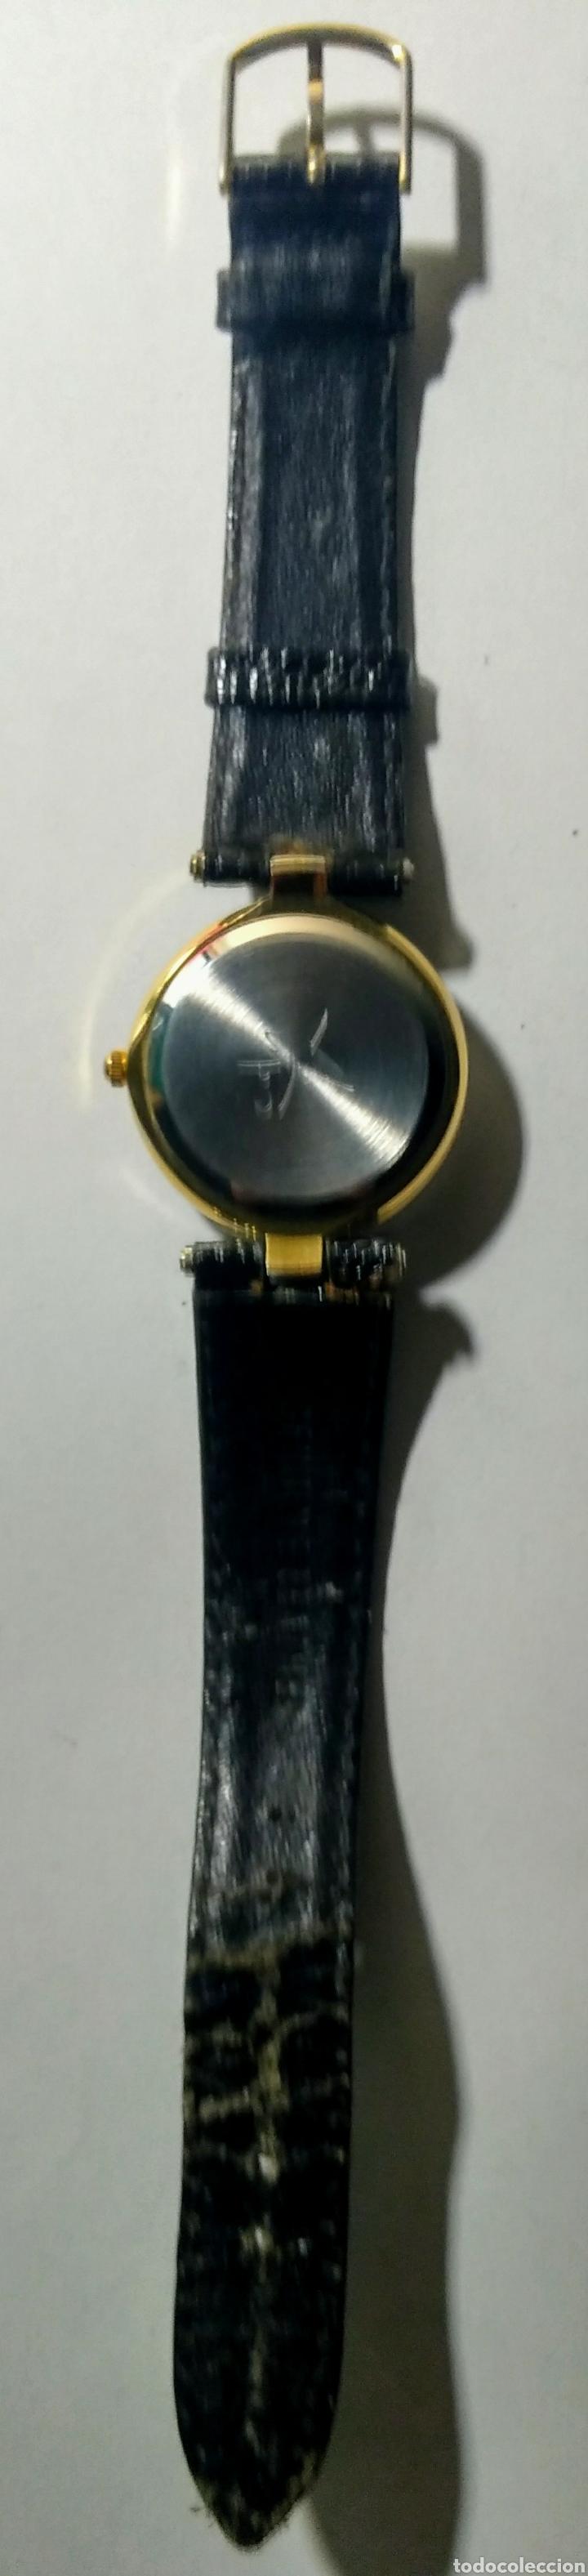 Relojes: Reloj Blumar. Quartz. Japan MovT. Ed. La Caixa. - Foto 3 - 187544775